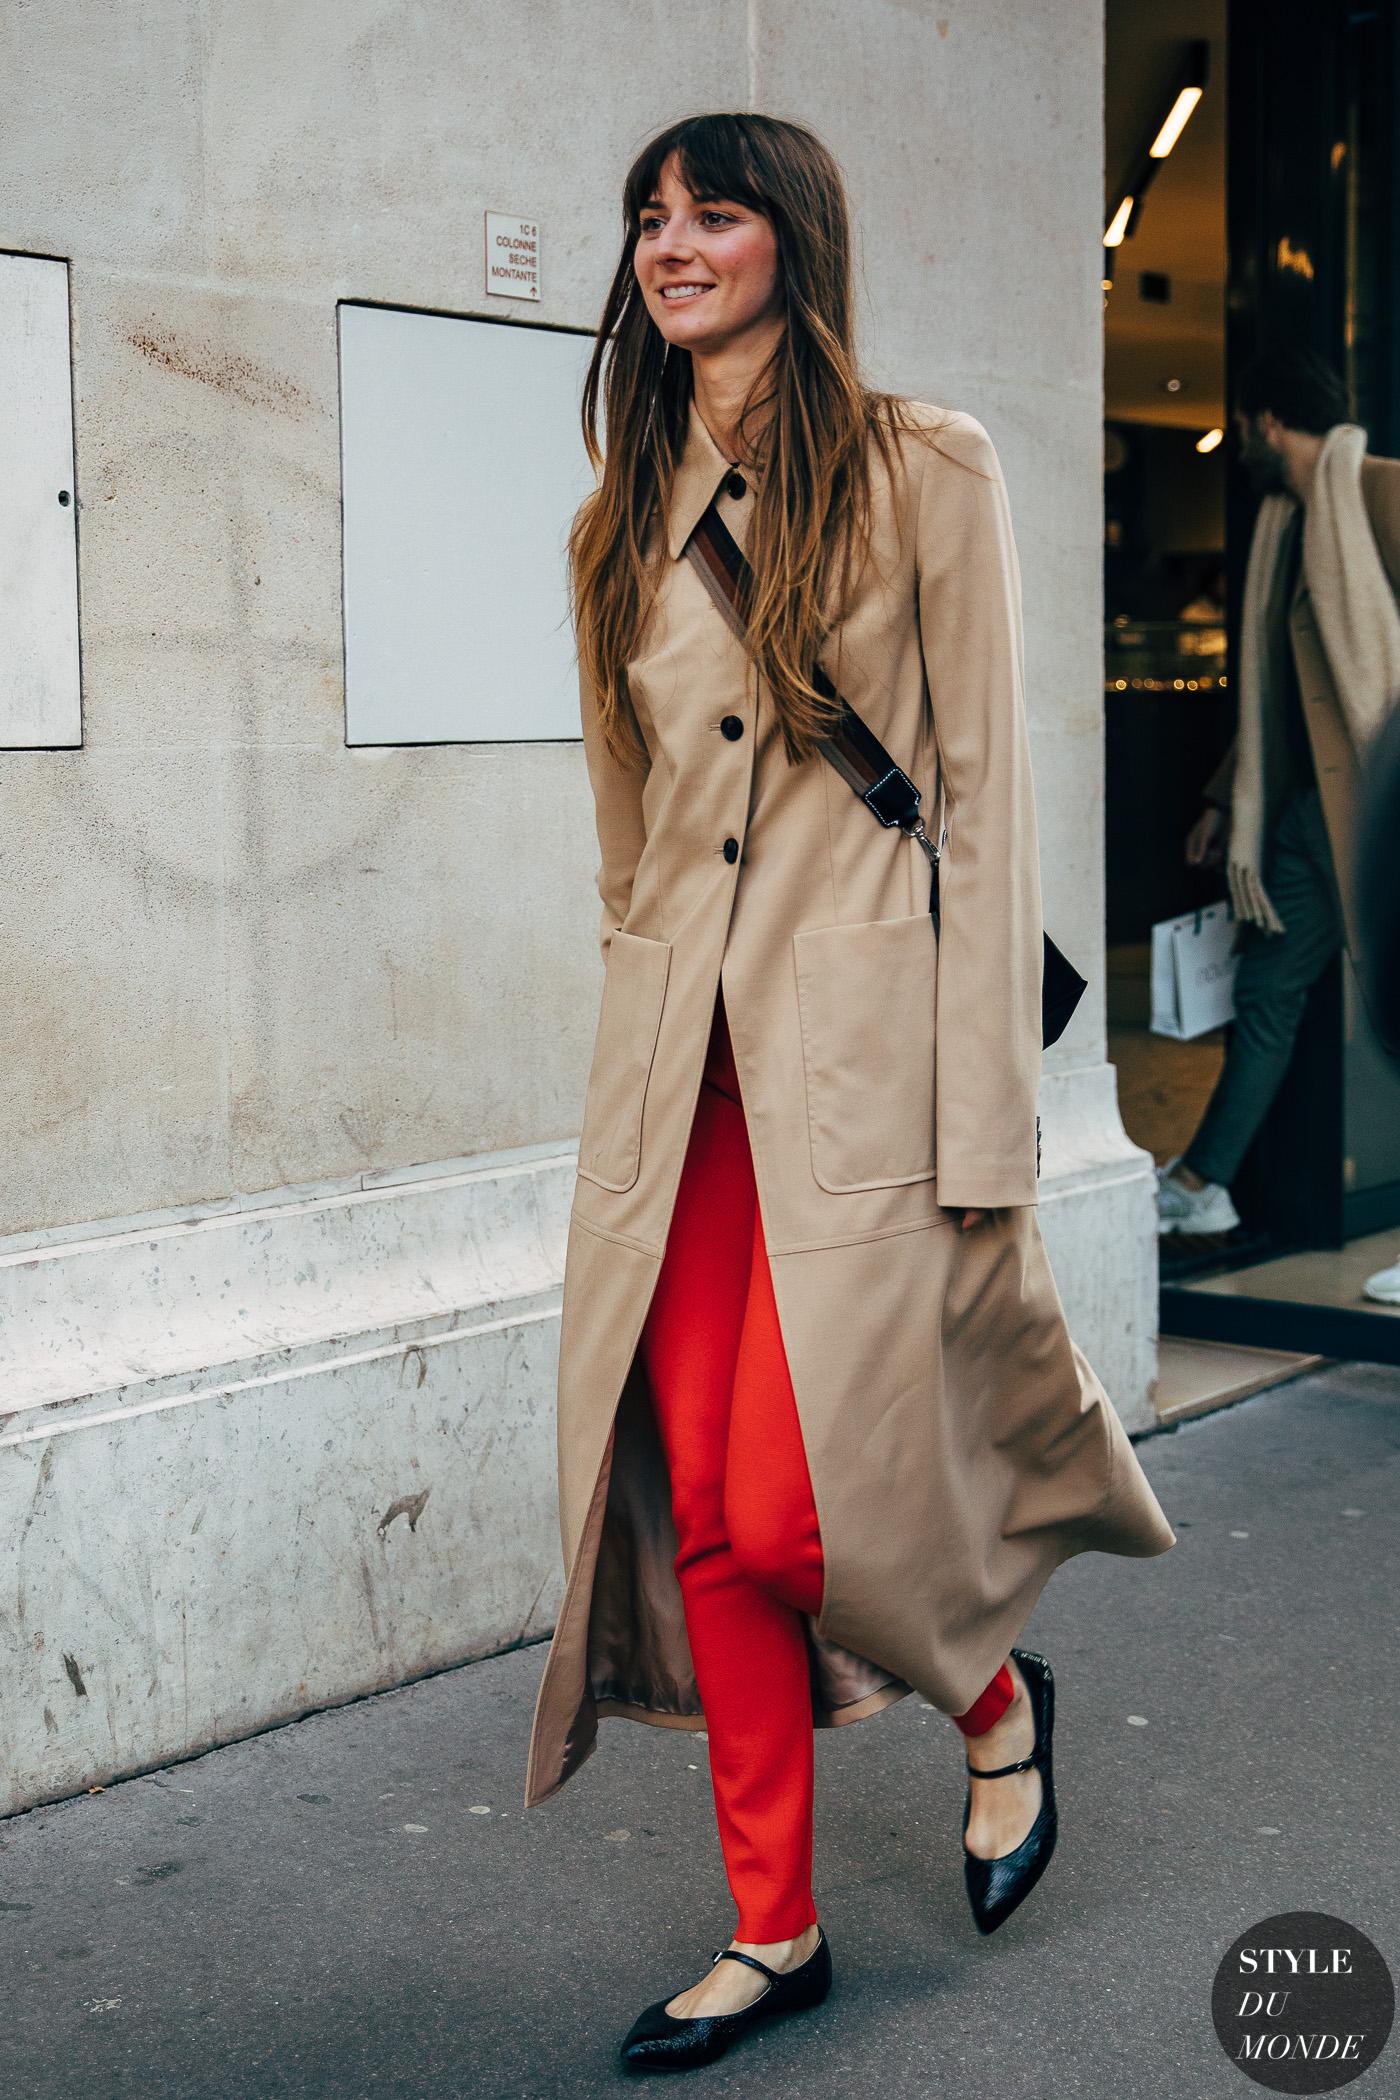 Fashionista mặc quần đỏ đi giày búp bê màu đen